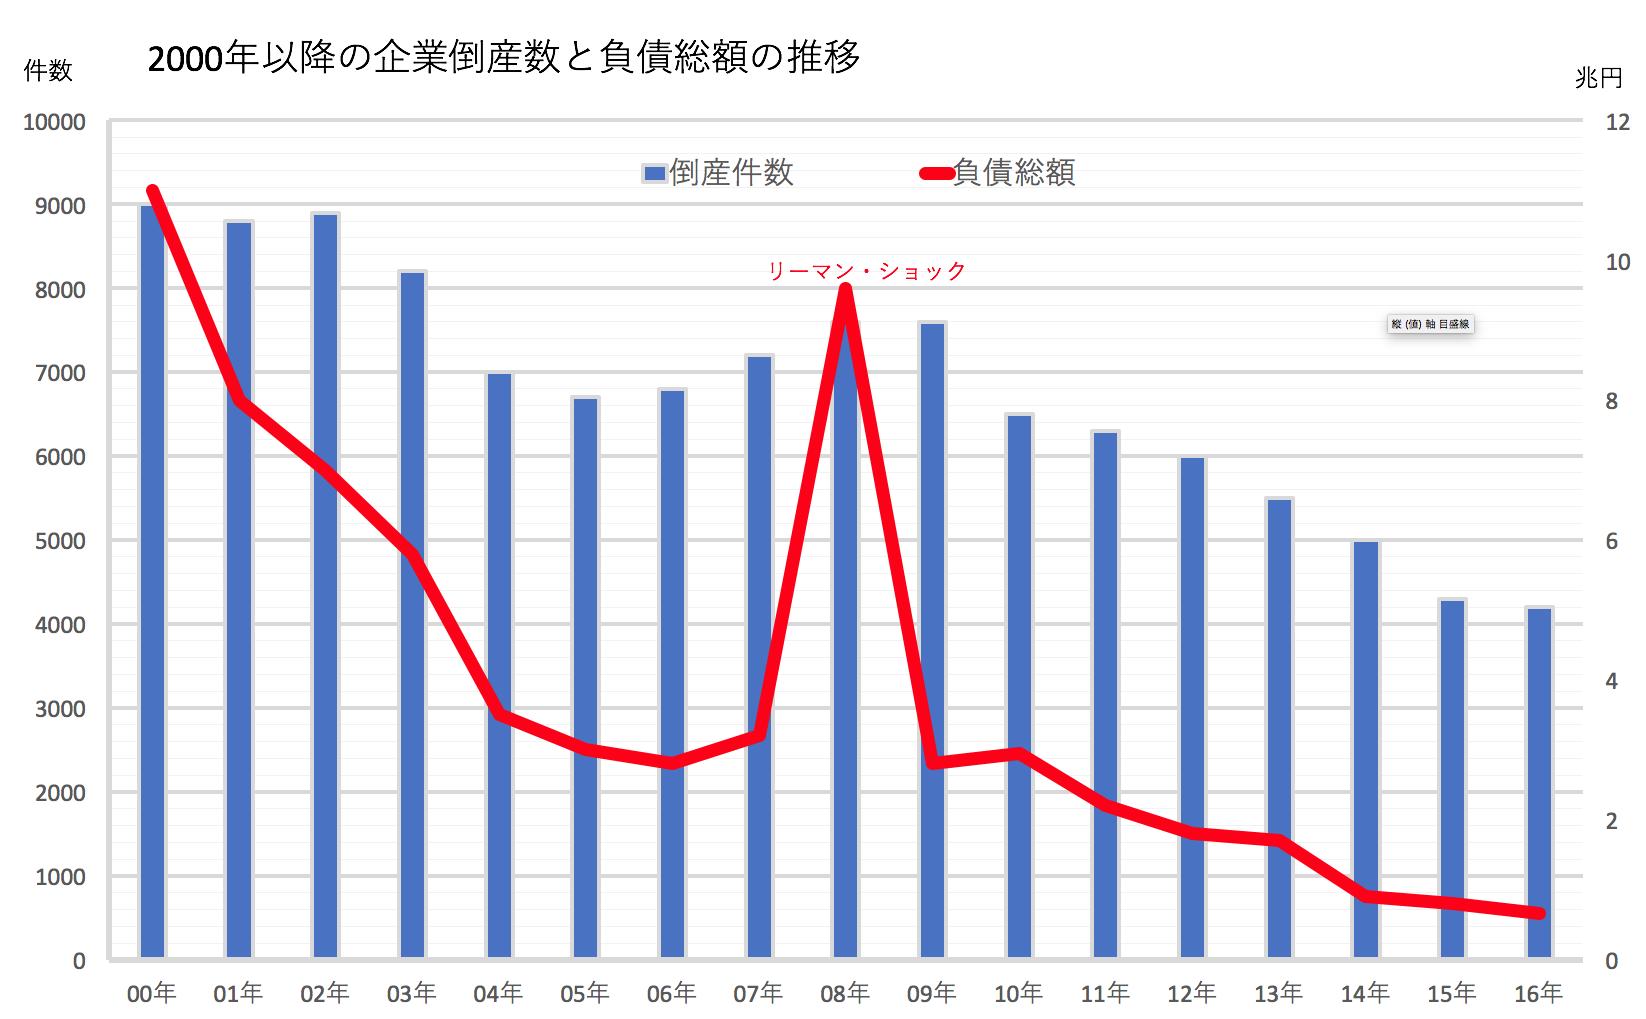 マネセツ136(岩城)倒産件数/表②